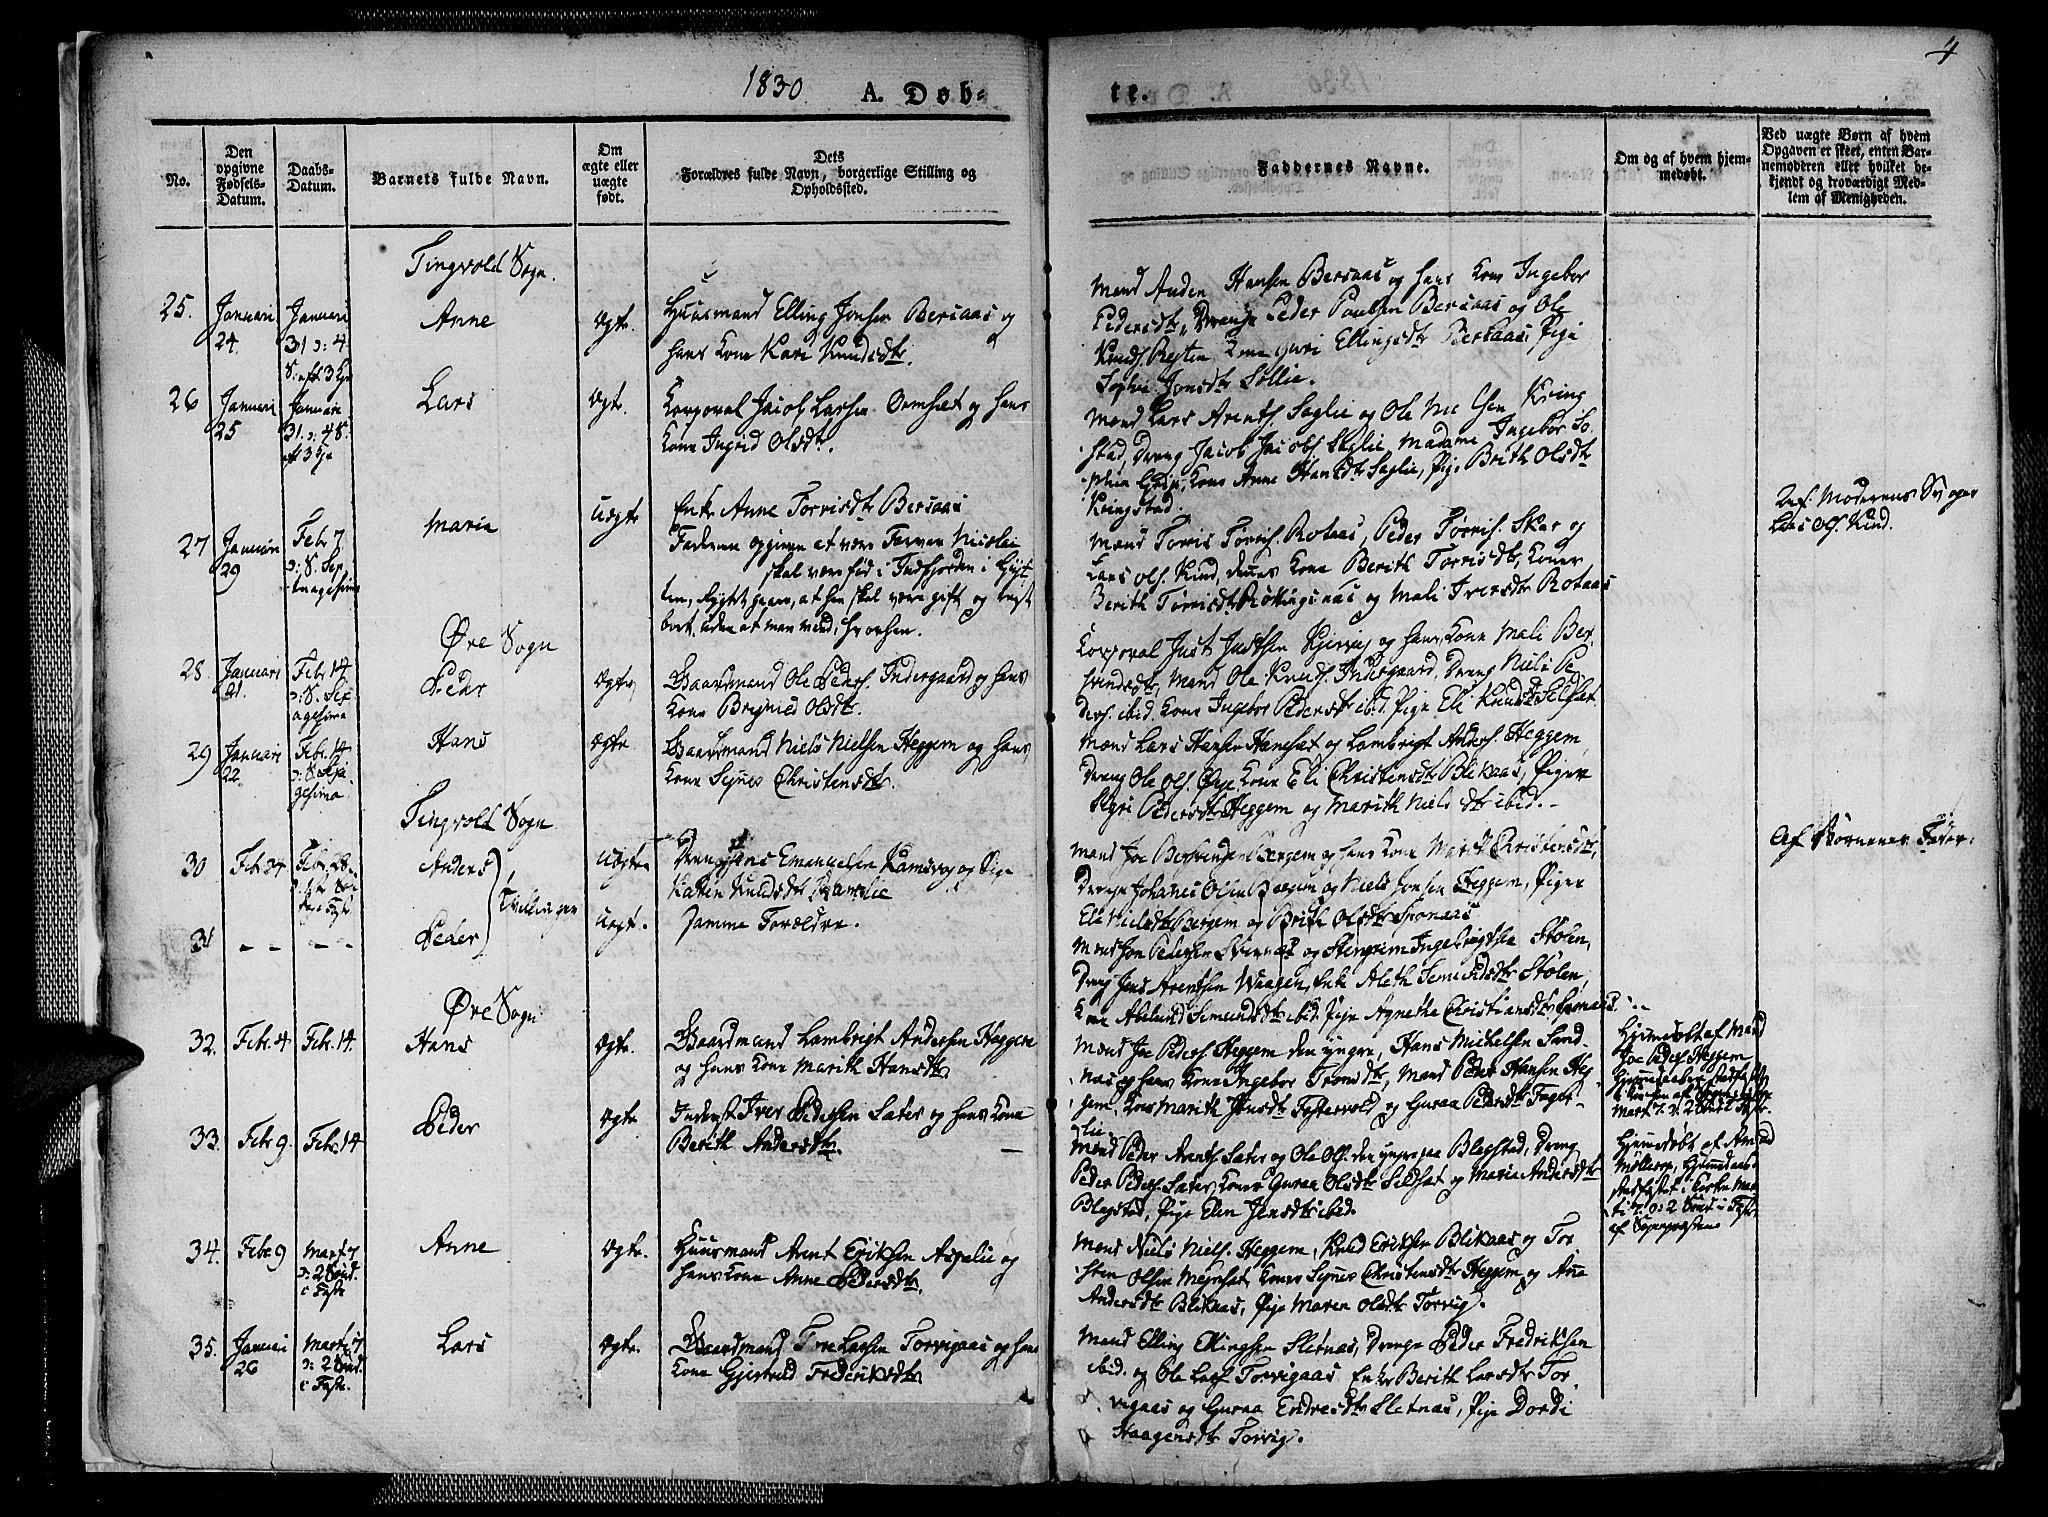 SAT, Ministerialprotokoller, klokkerbøker og fødselsregistre - Møre og Romsdal, 586/L0983: Ministerialbok nr. 586A09, 1829-1843, s. 4